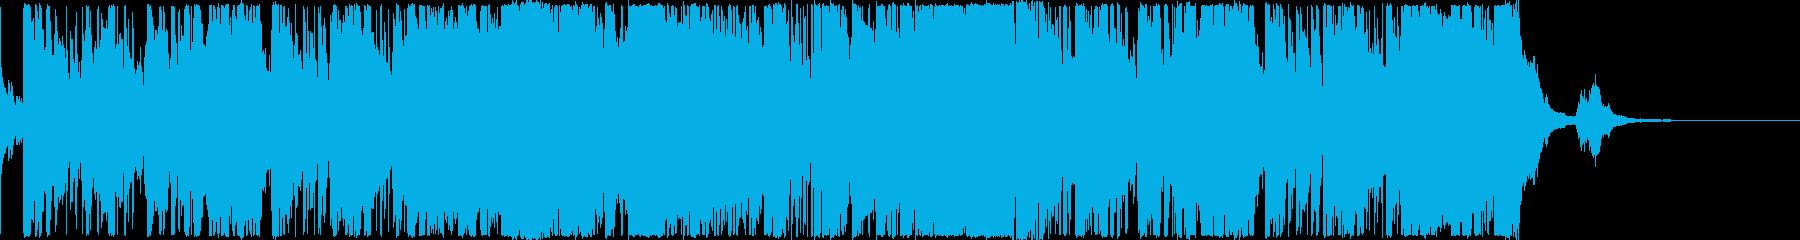 おしゃれなCM用モダンジャズ・1分の再生済みの波形